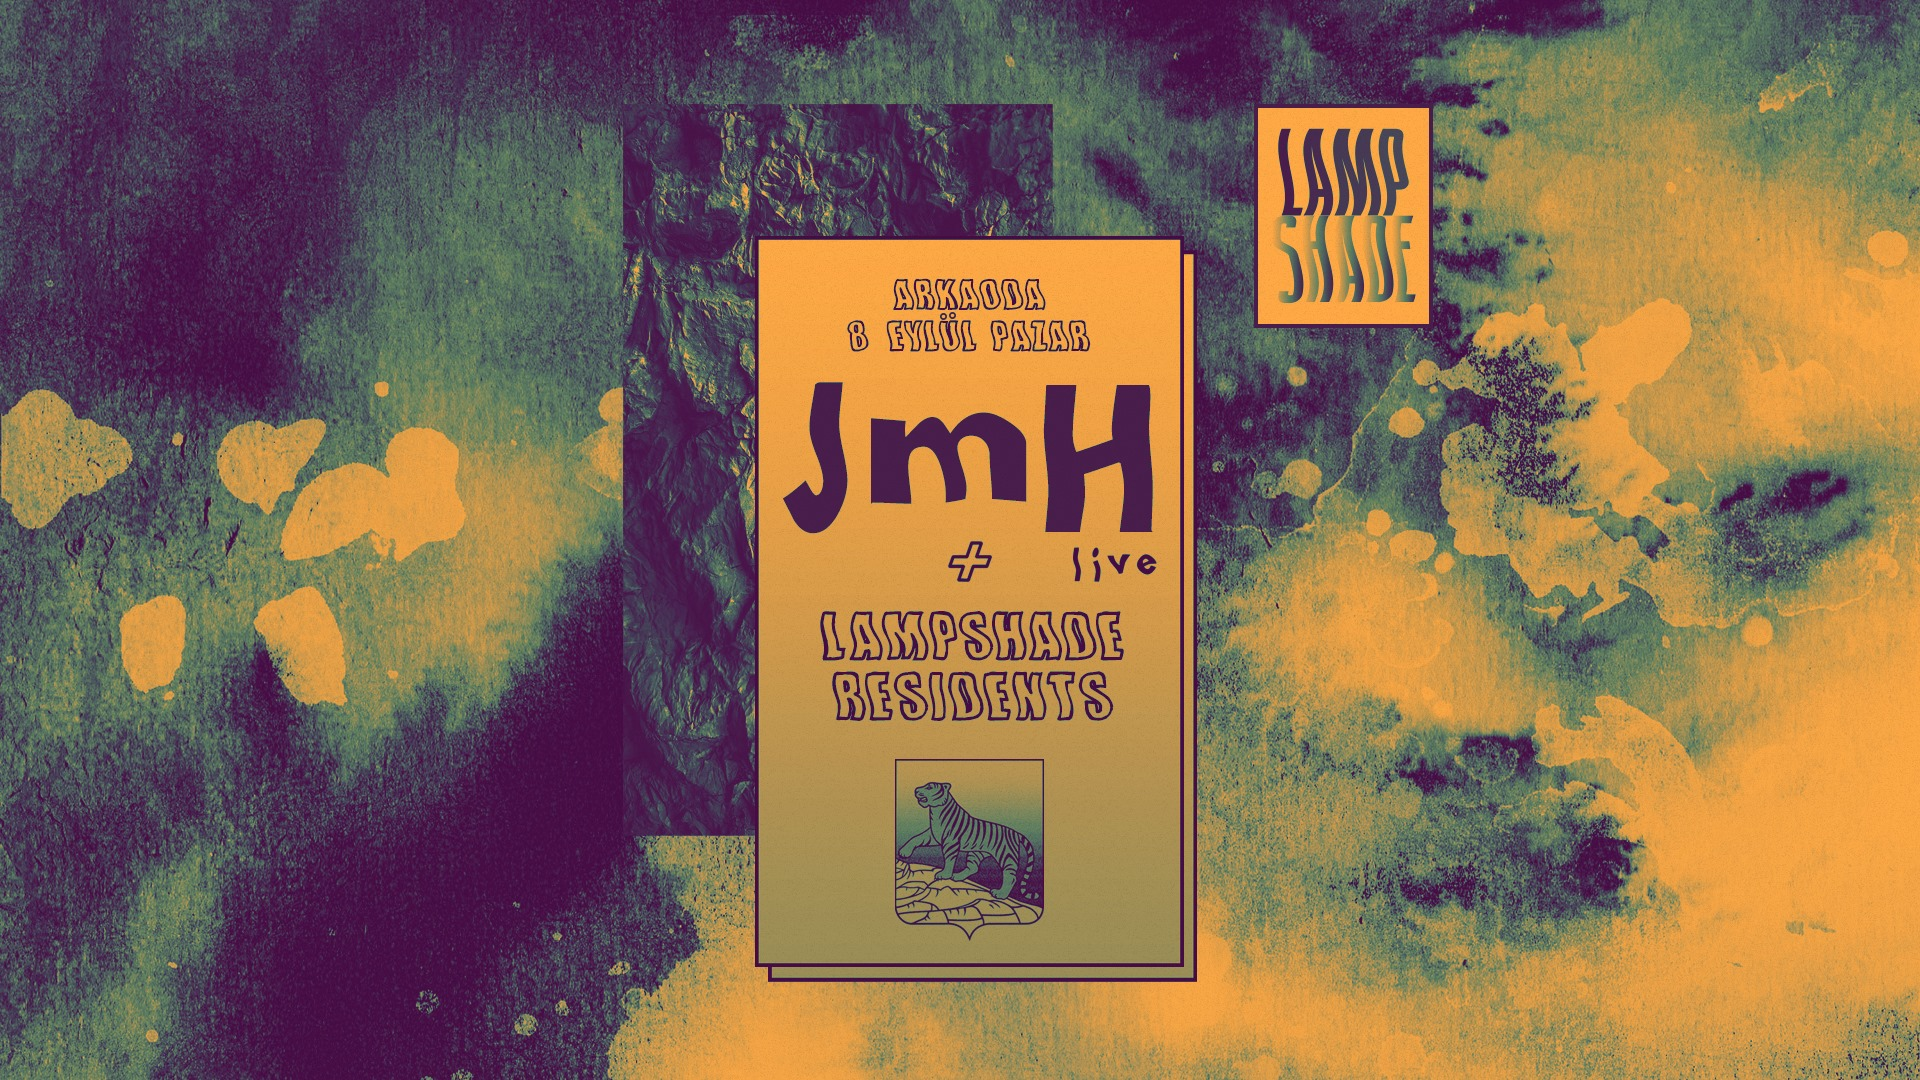 Lampshade no. 9: JmH